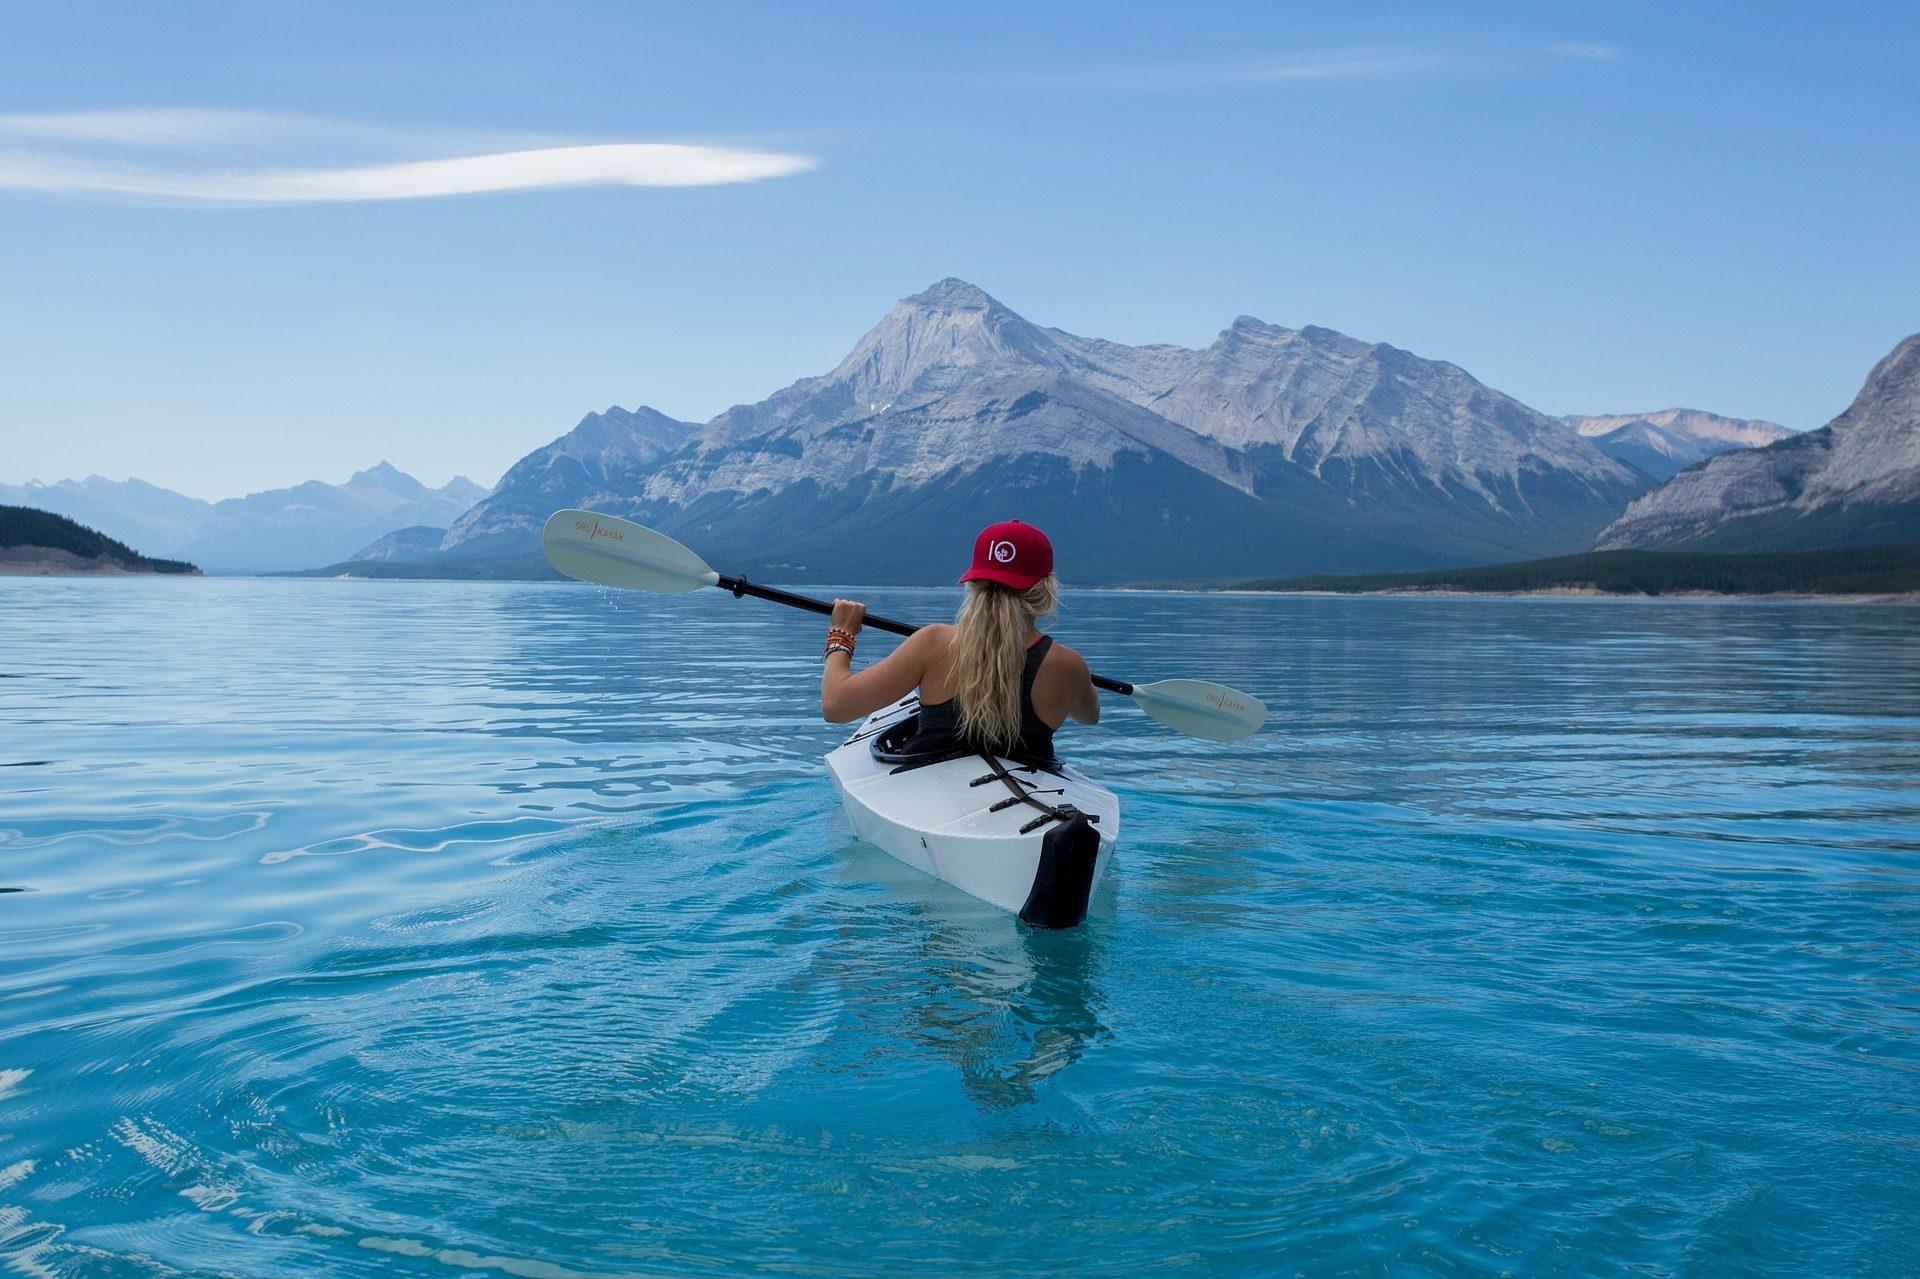 женщина, Каяк, Озеро, весла, горы - Обои HD - Профессор falken.com